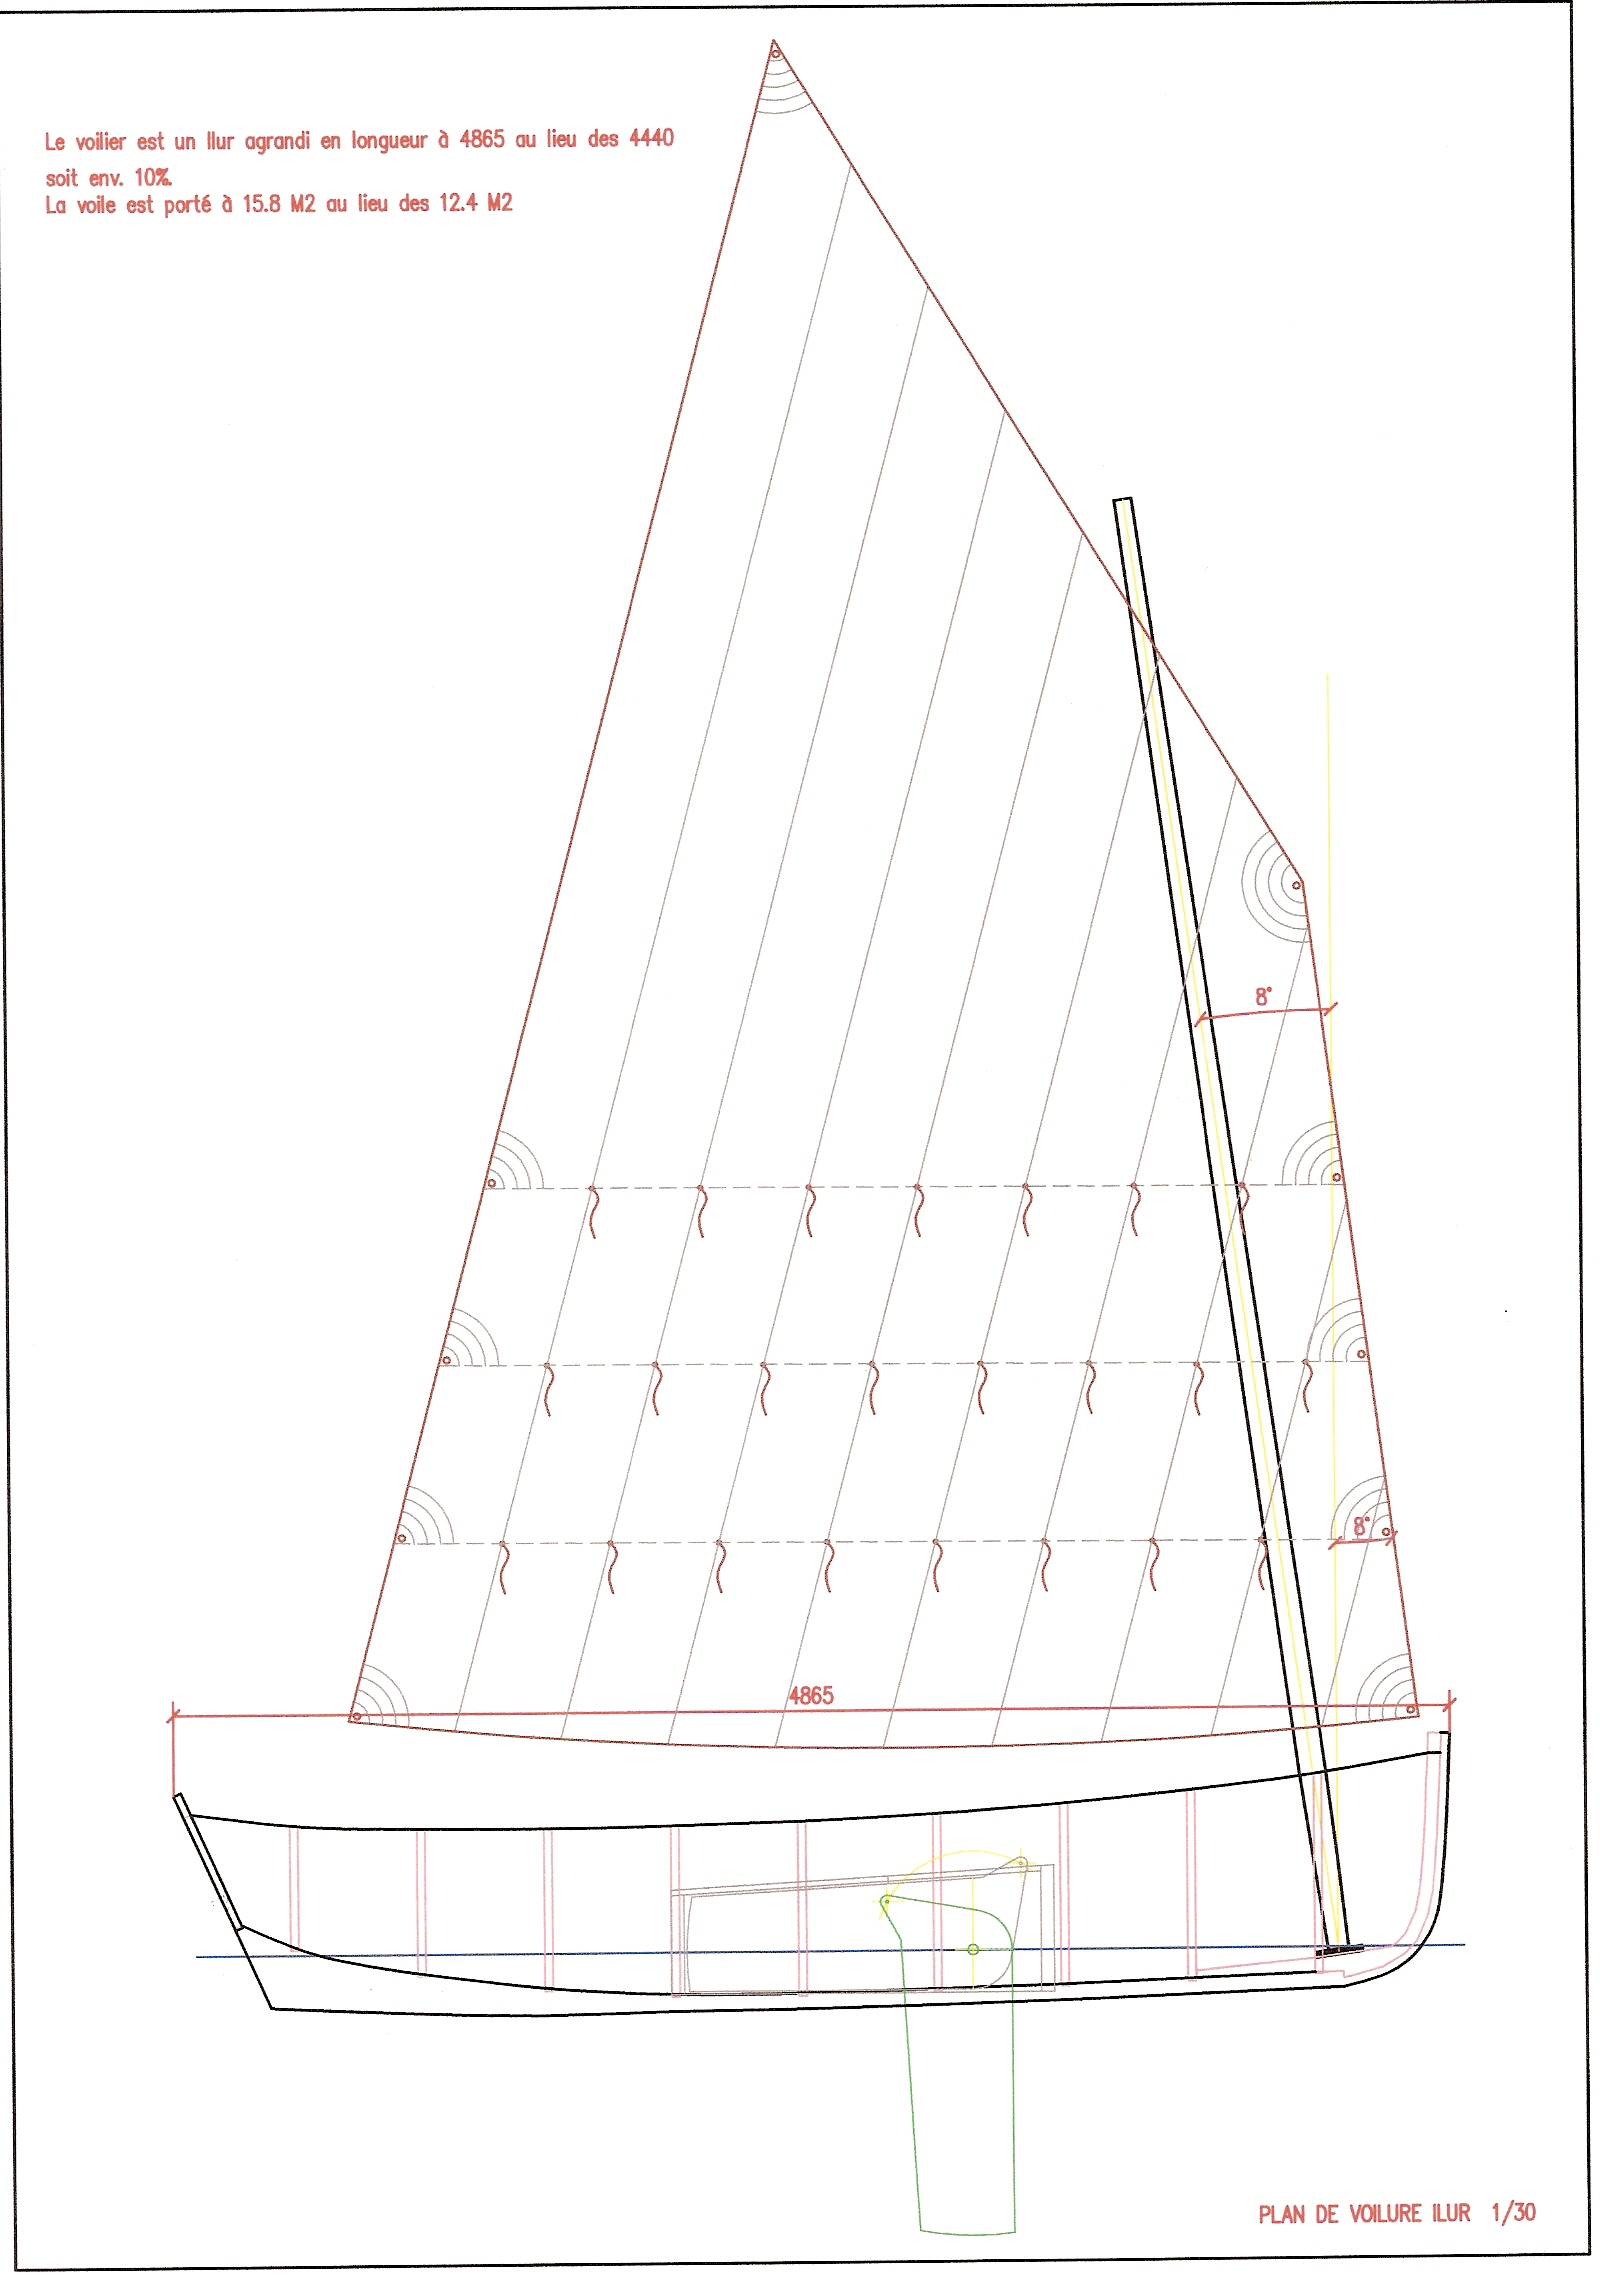 plandevoilureilur10001.jpg